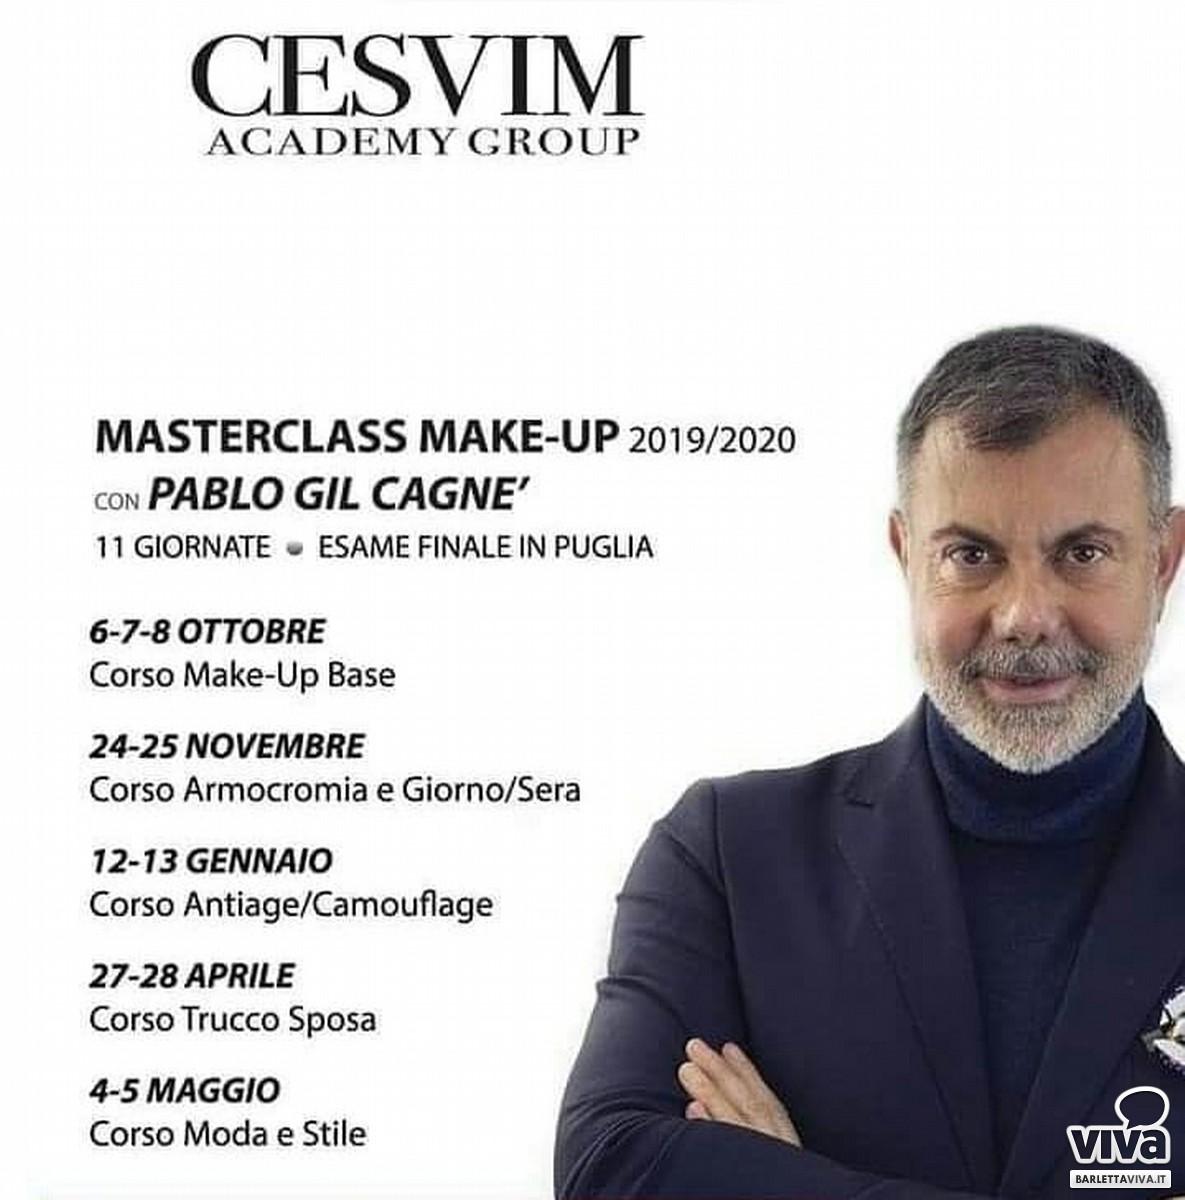 Pablo Gil Cagnè con Cesvim Academy a Trani